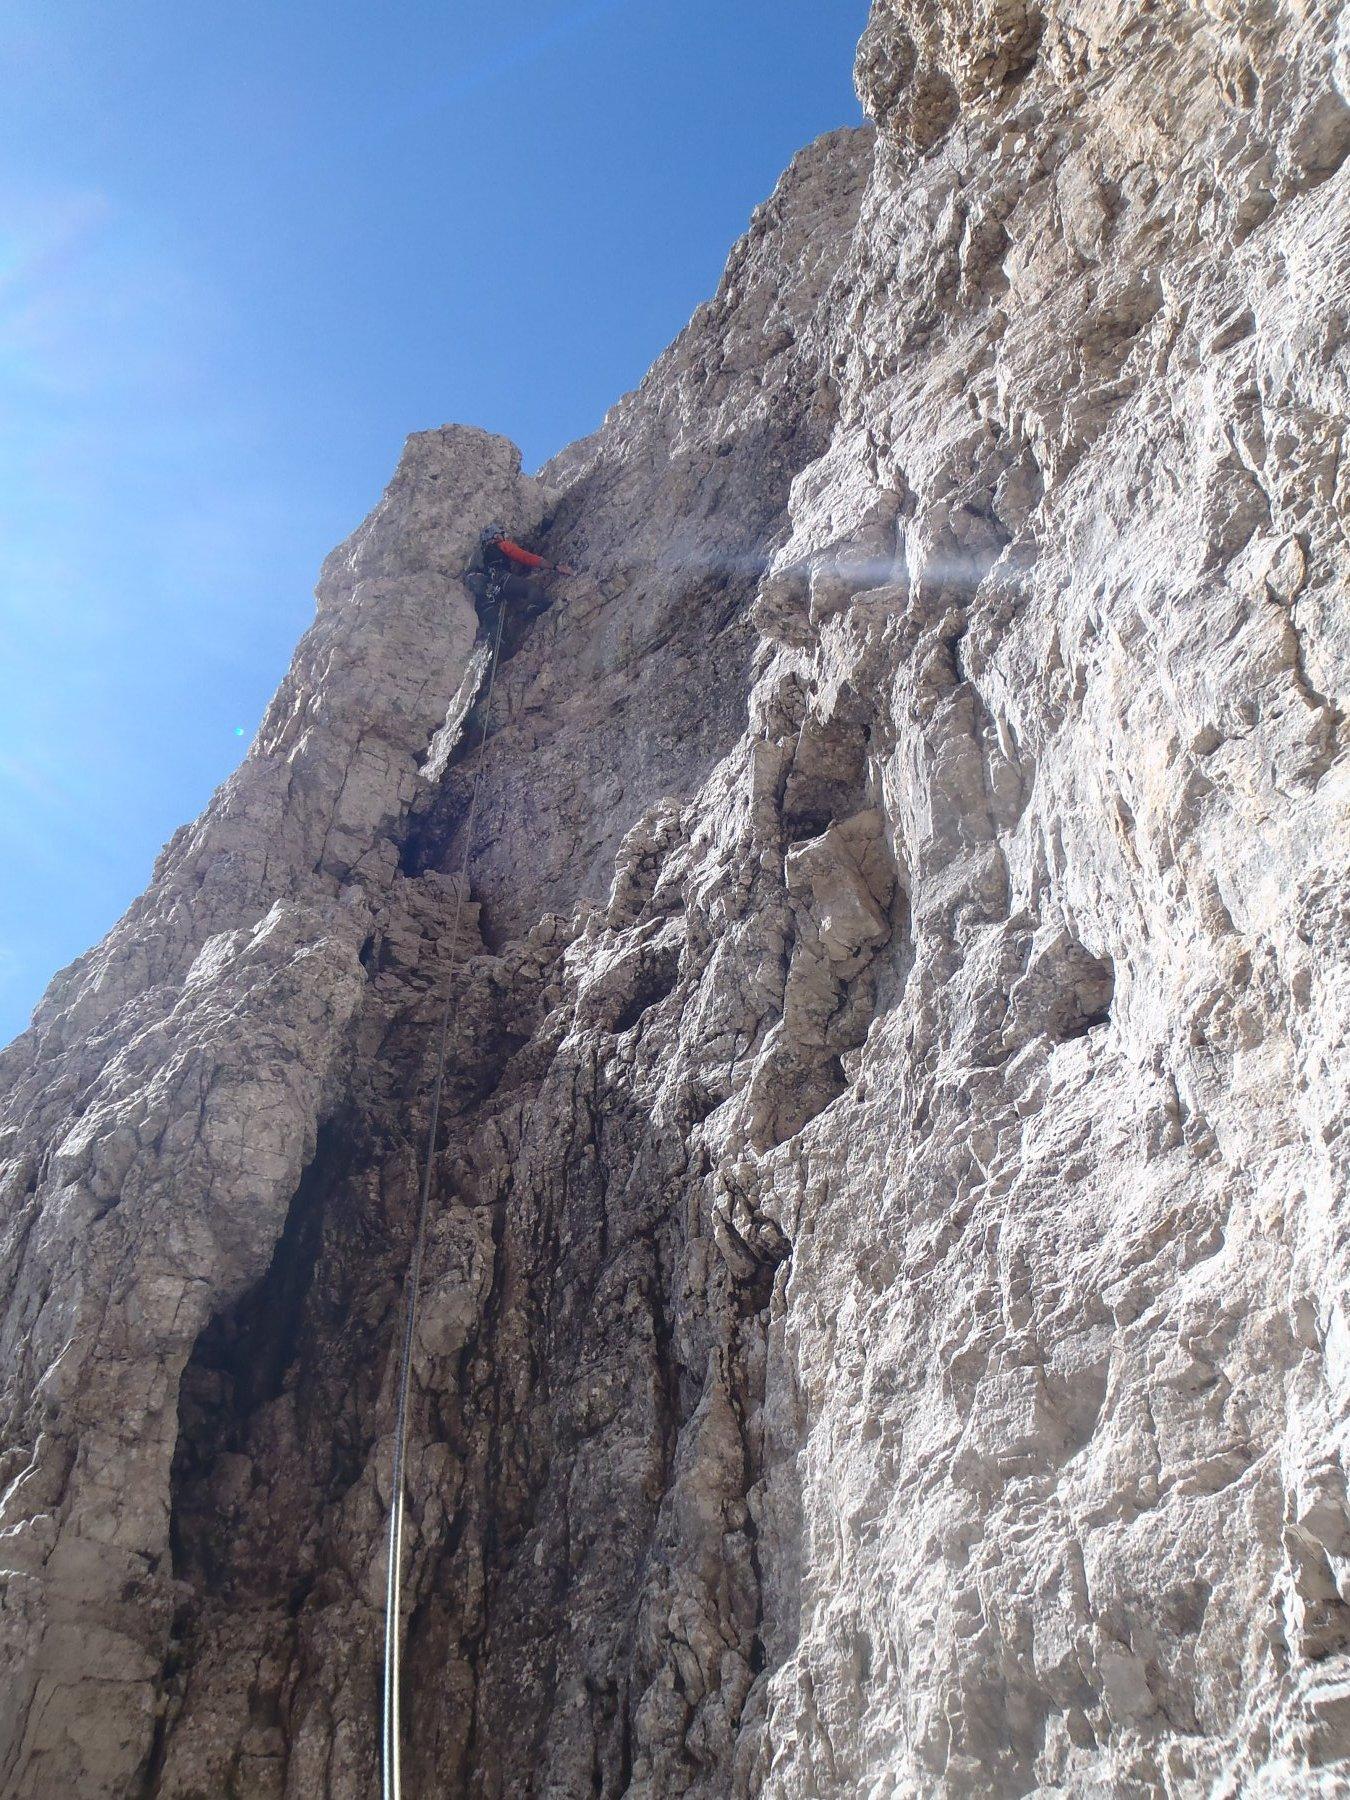 A sinistra il pilastrino che forma il diedro di partenza del terzo tiro